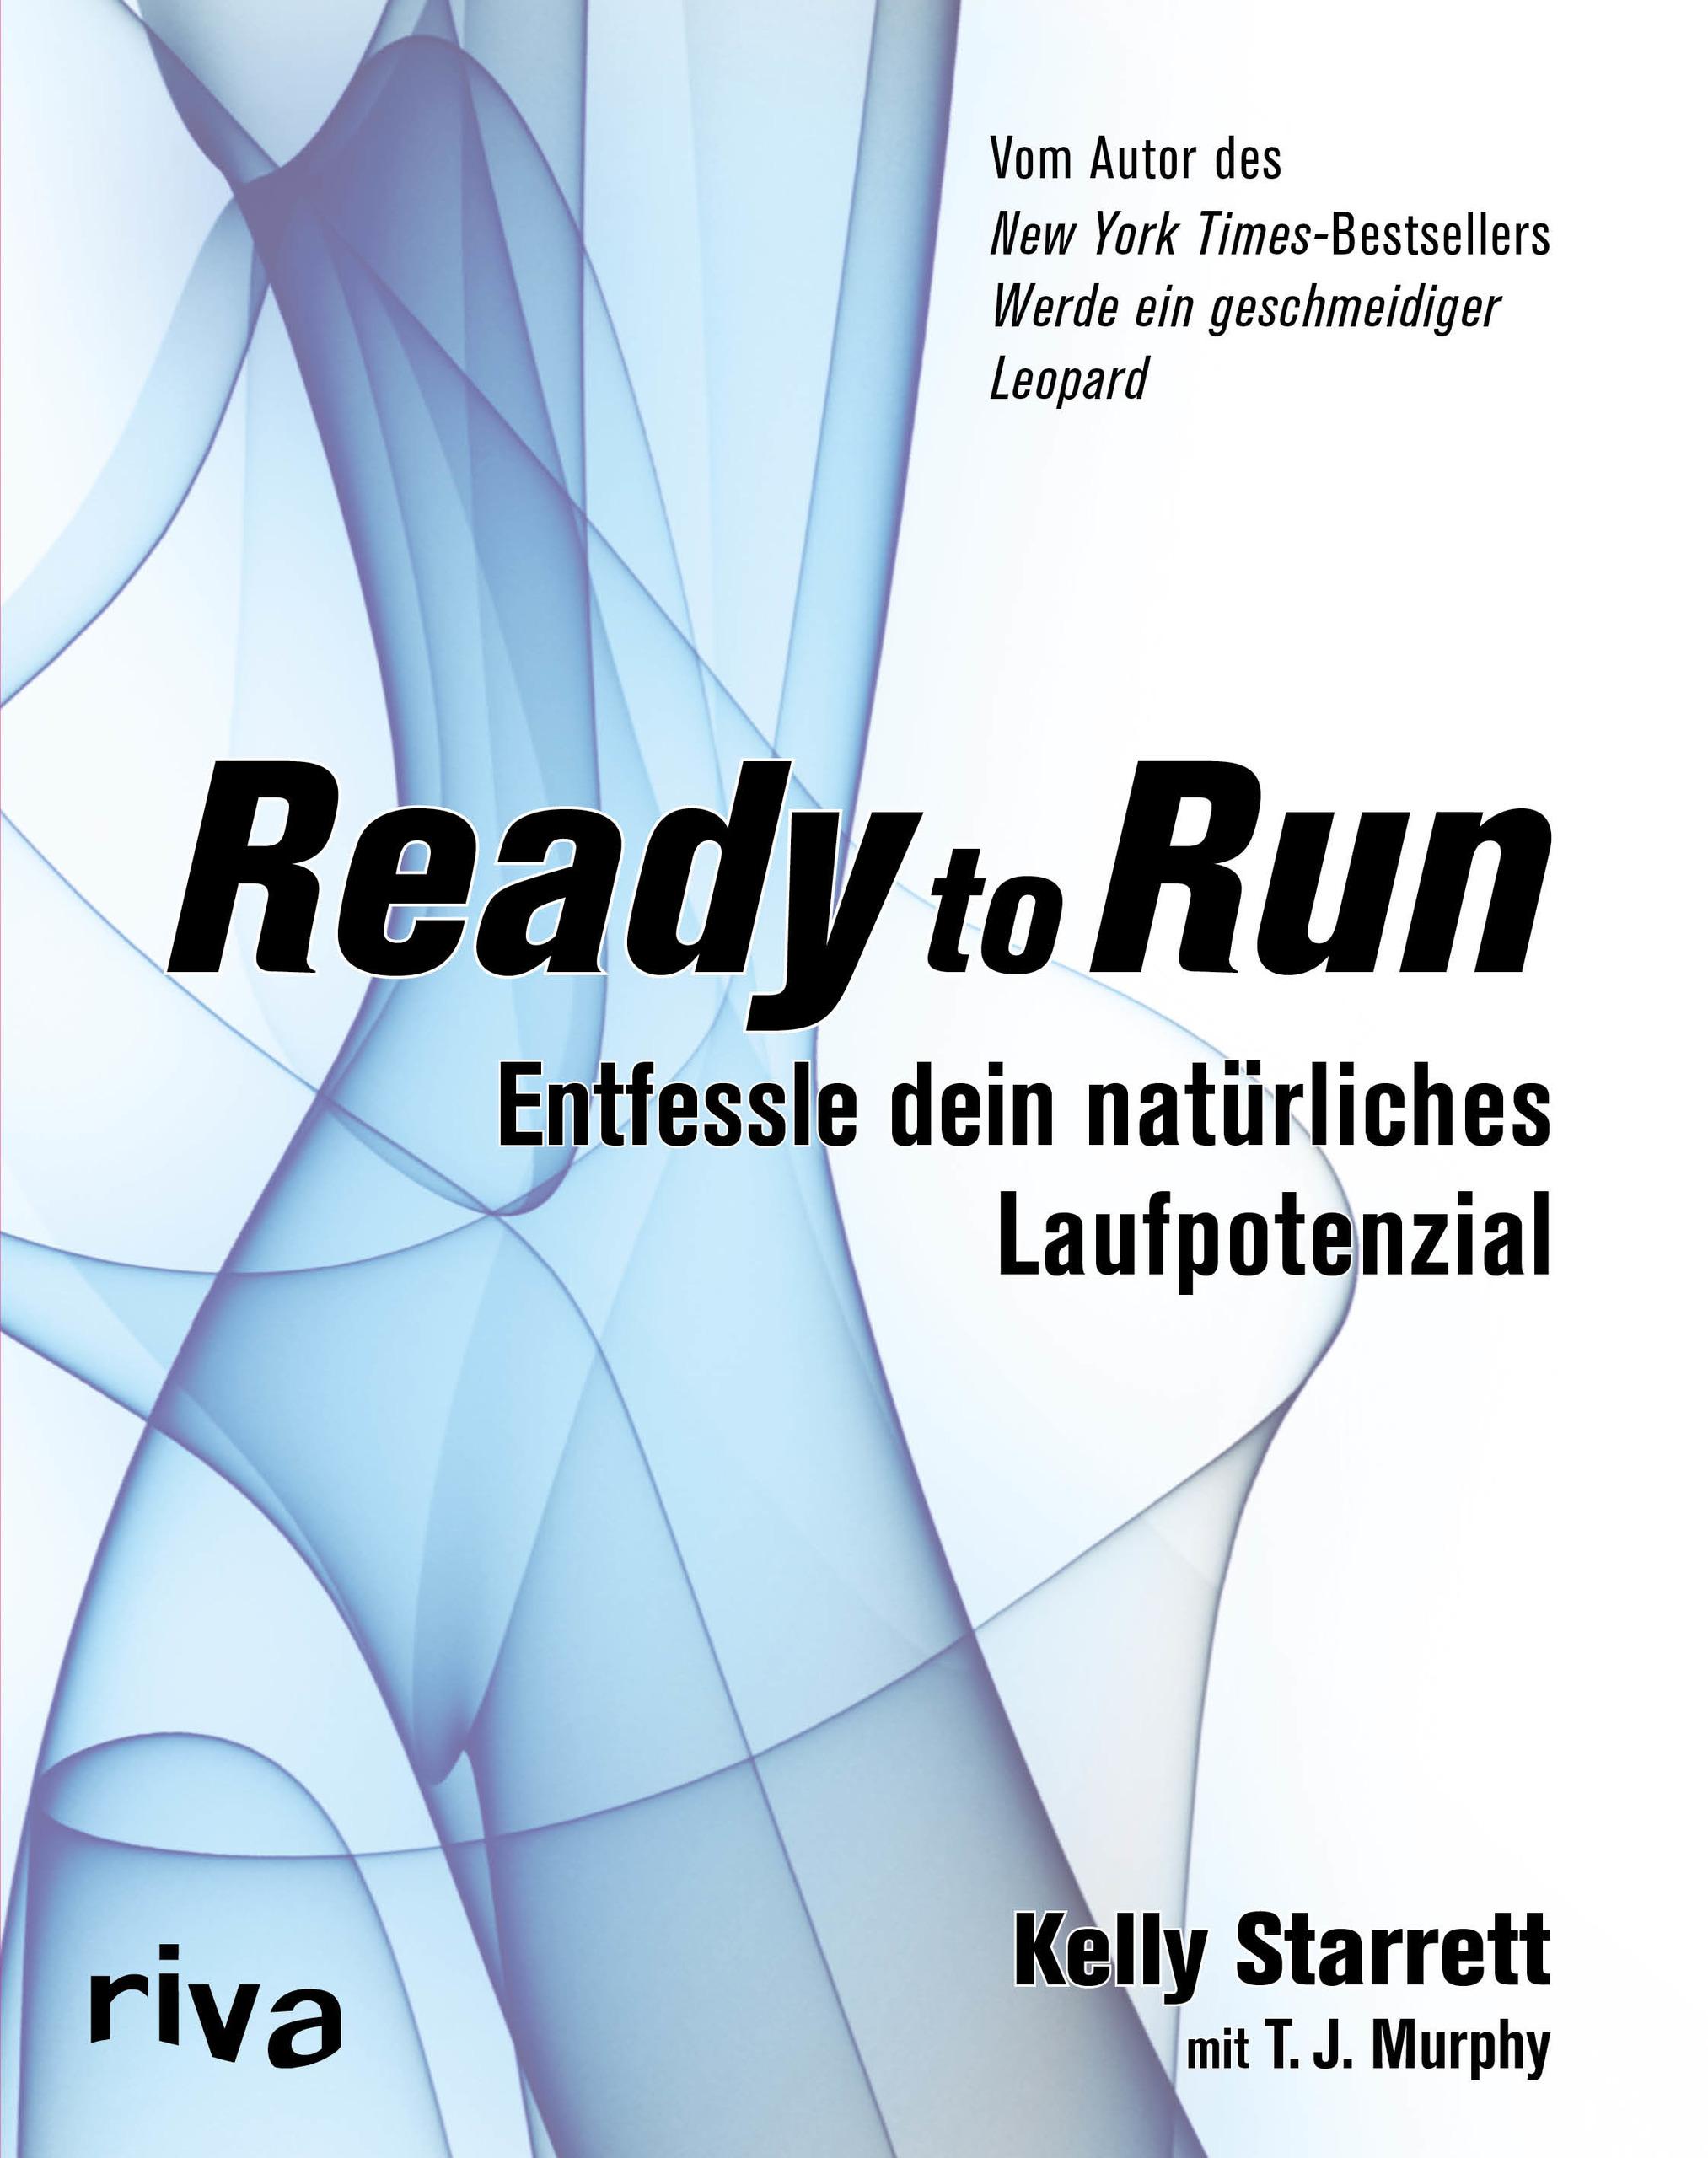 Ready to Run: Entfessle dein natürliches Laufpotenzial - Kelly Starrett